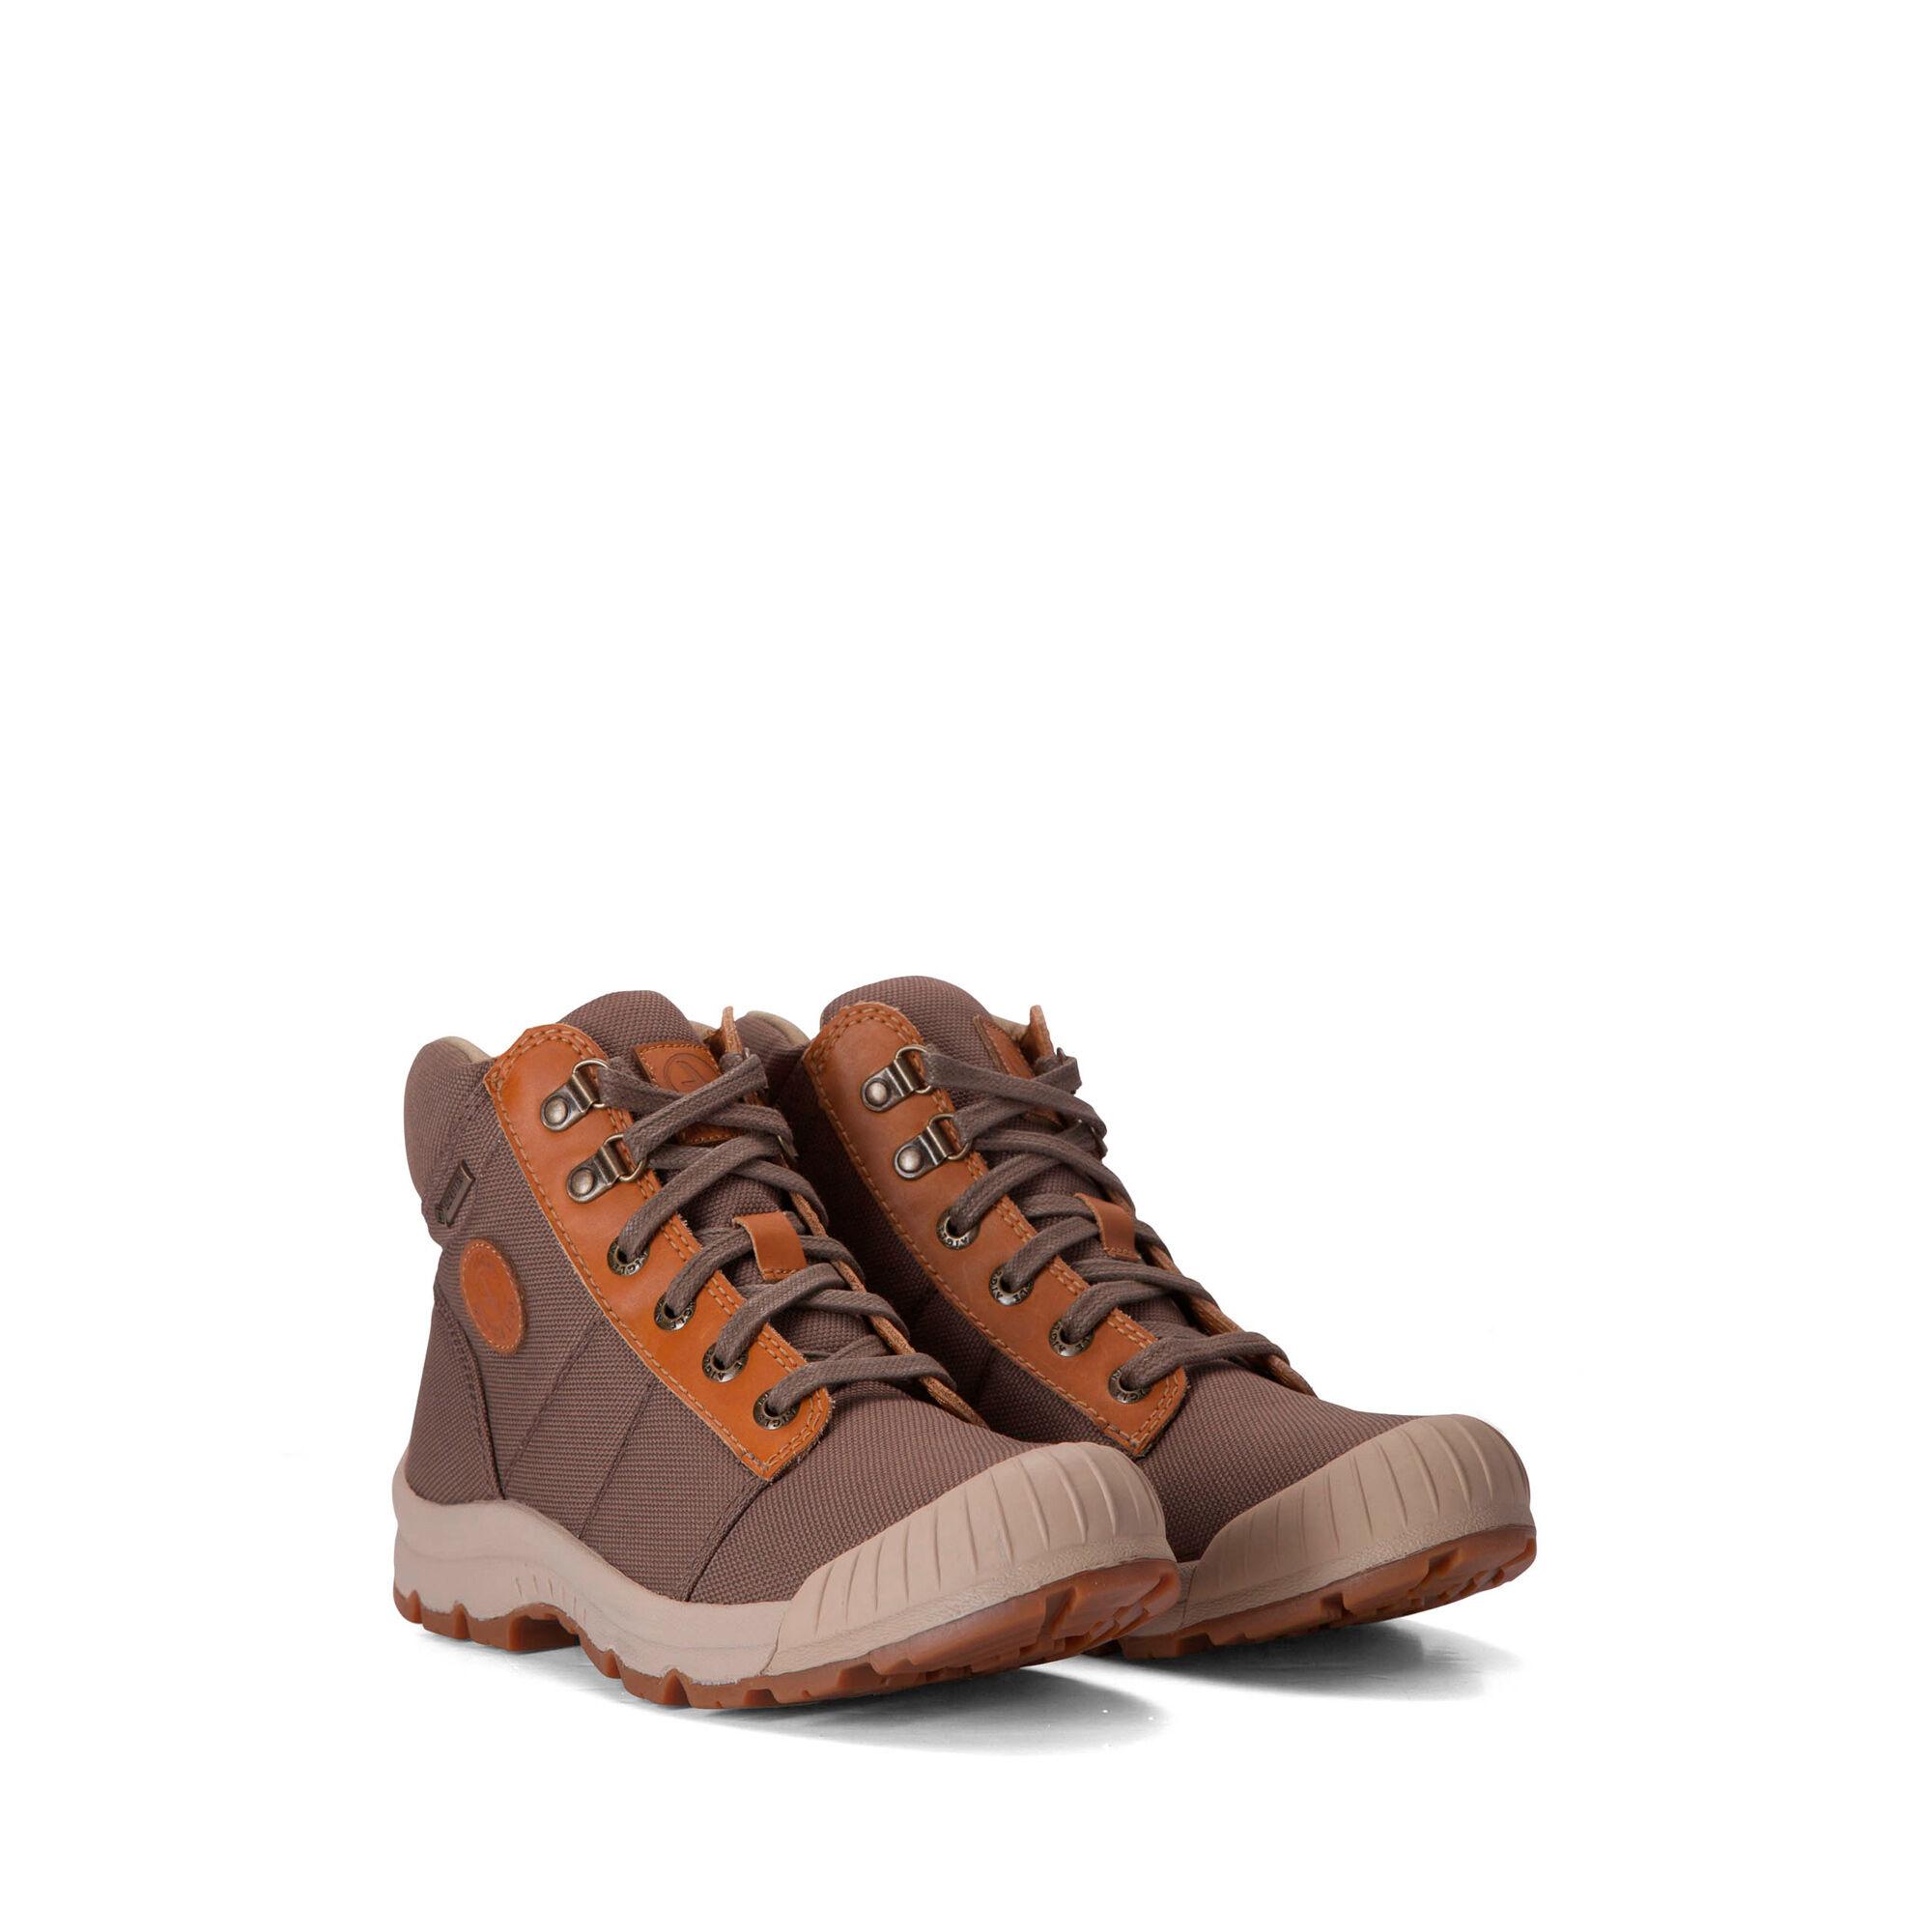 Aigle Chaussures Gore Femme Tex® De Marche 6Xqw8S